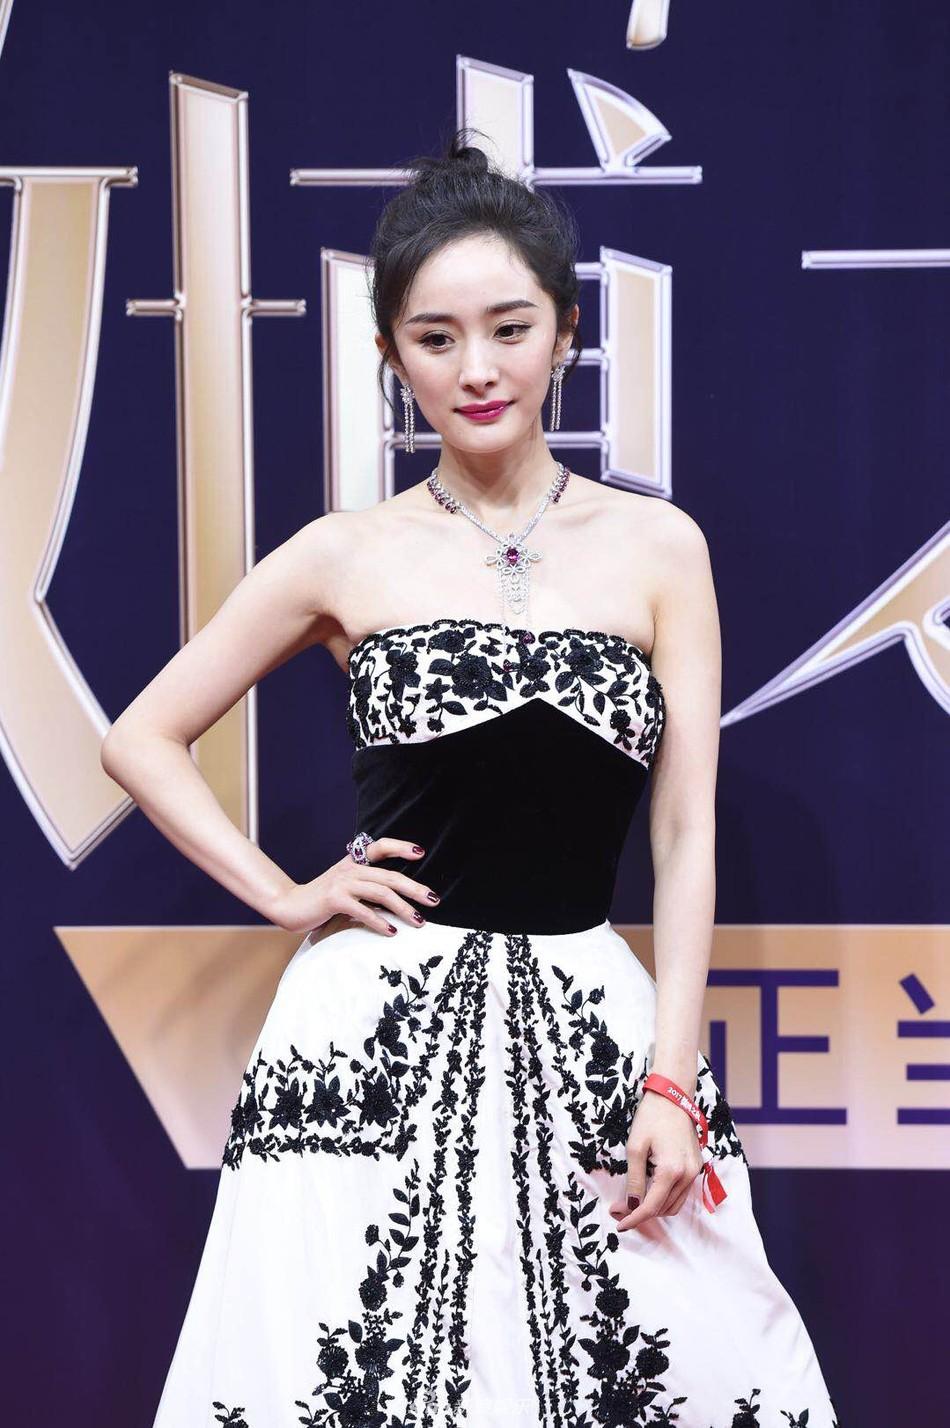 Thảm đỏ Weibo: Angela Baby xuống sắc không phanh, Dương Mịch - Na Trát cùng dàn mỹ nhân cạnh tranh nhan sắc khốc liệt - Ảnh 11.